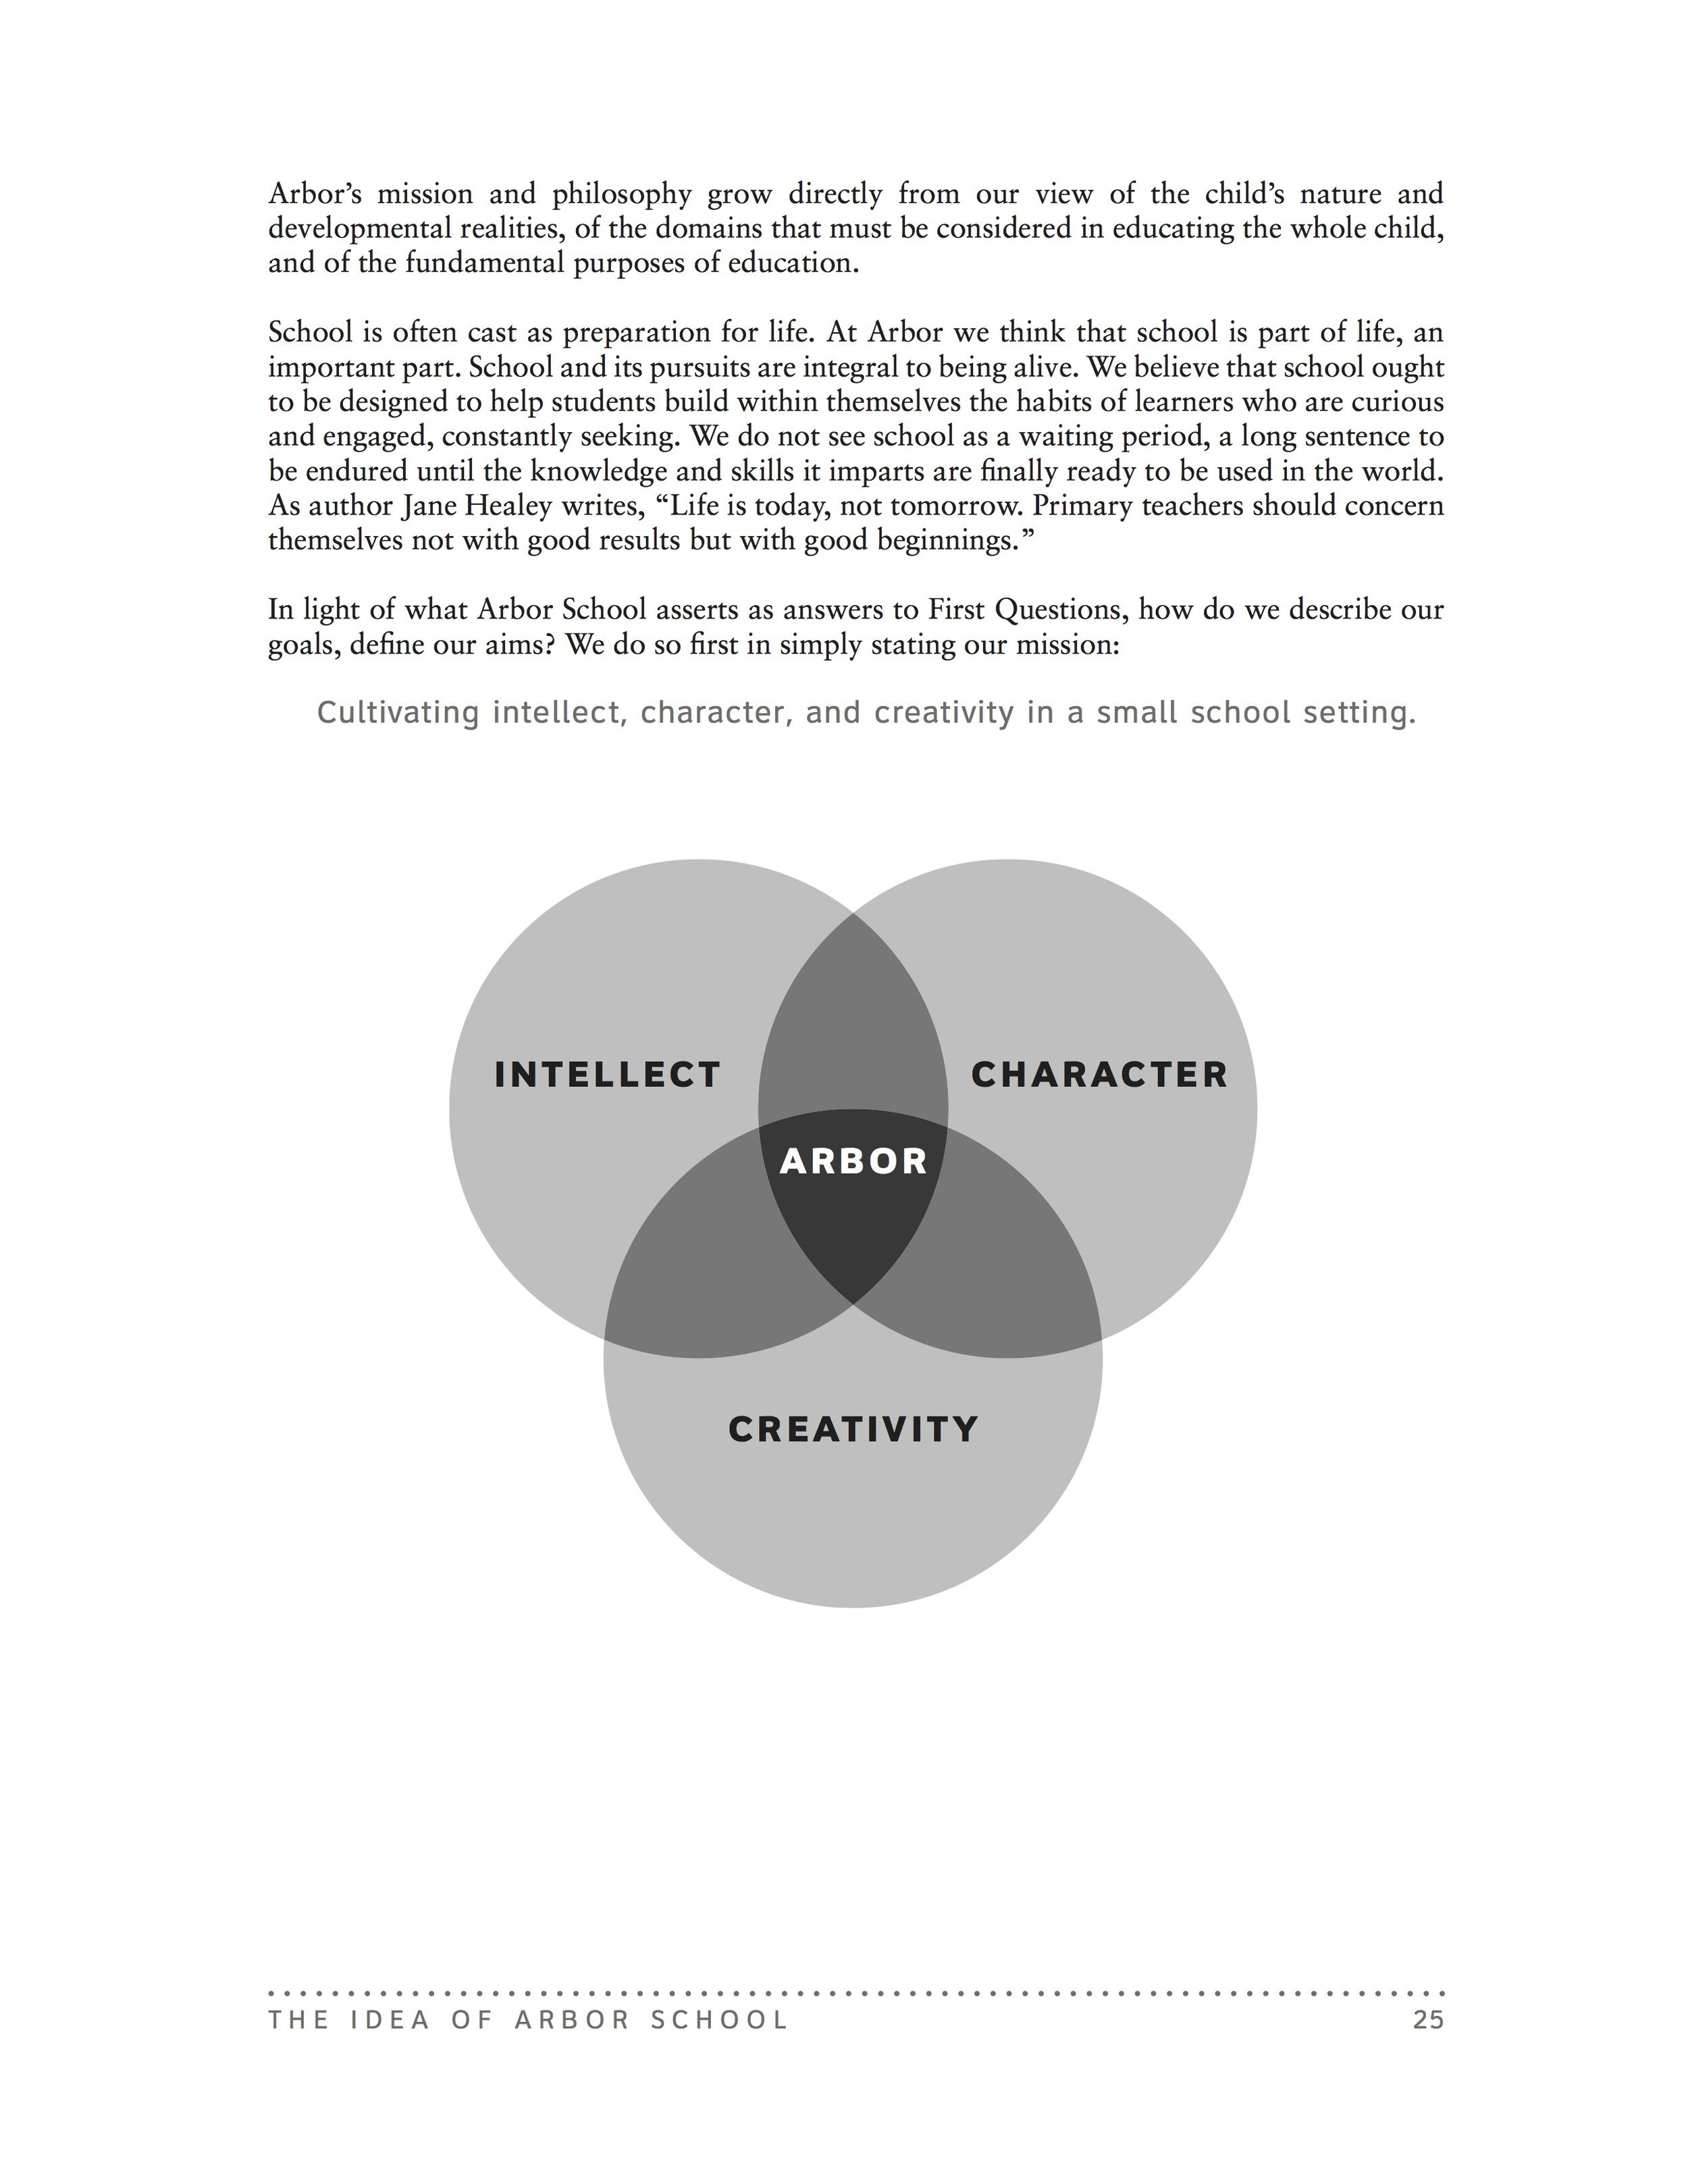 IntellectCharacterCreativity.jpg